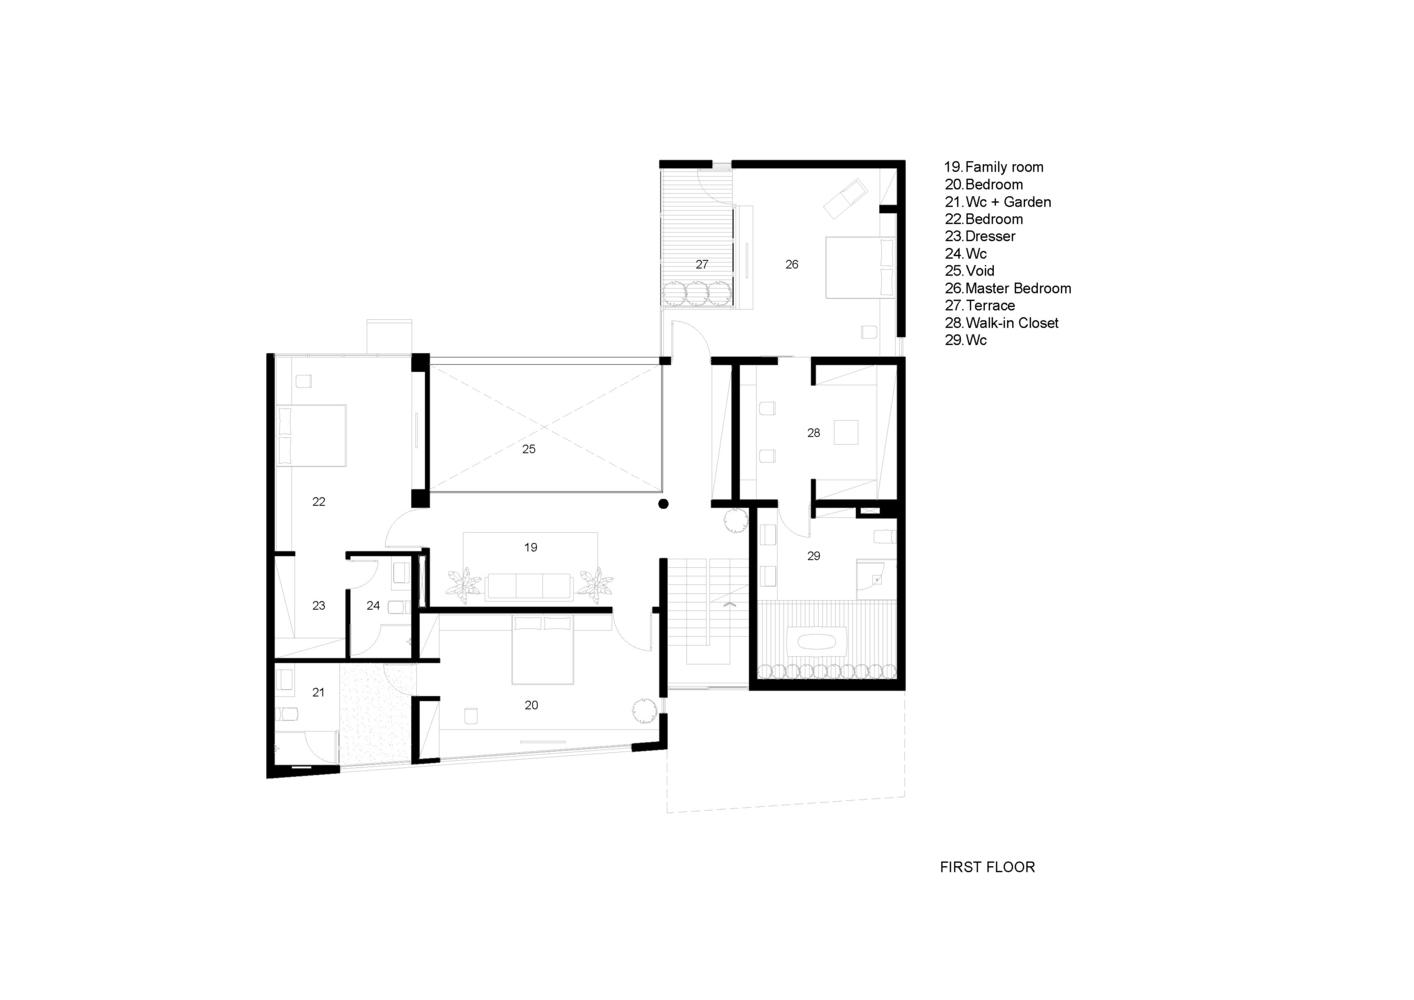 Bố trí mặt bằng lầu 1 - Biệt thự eden villa